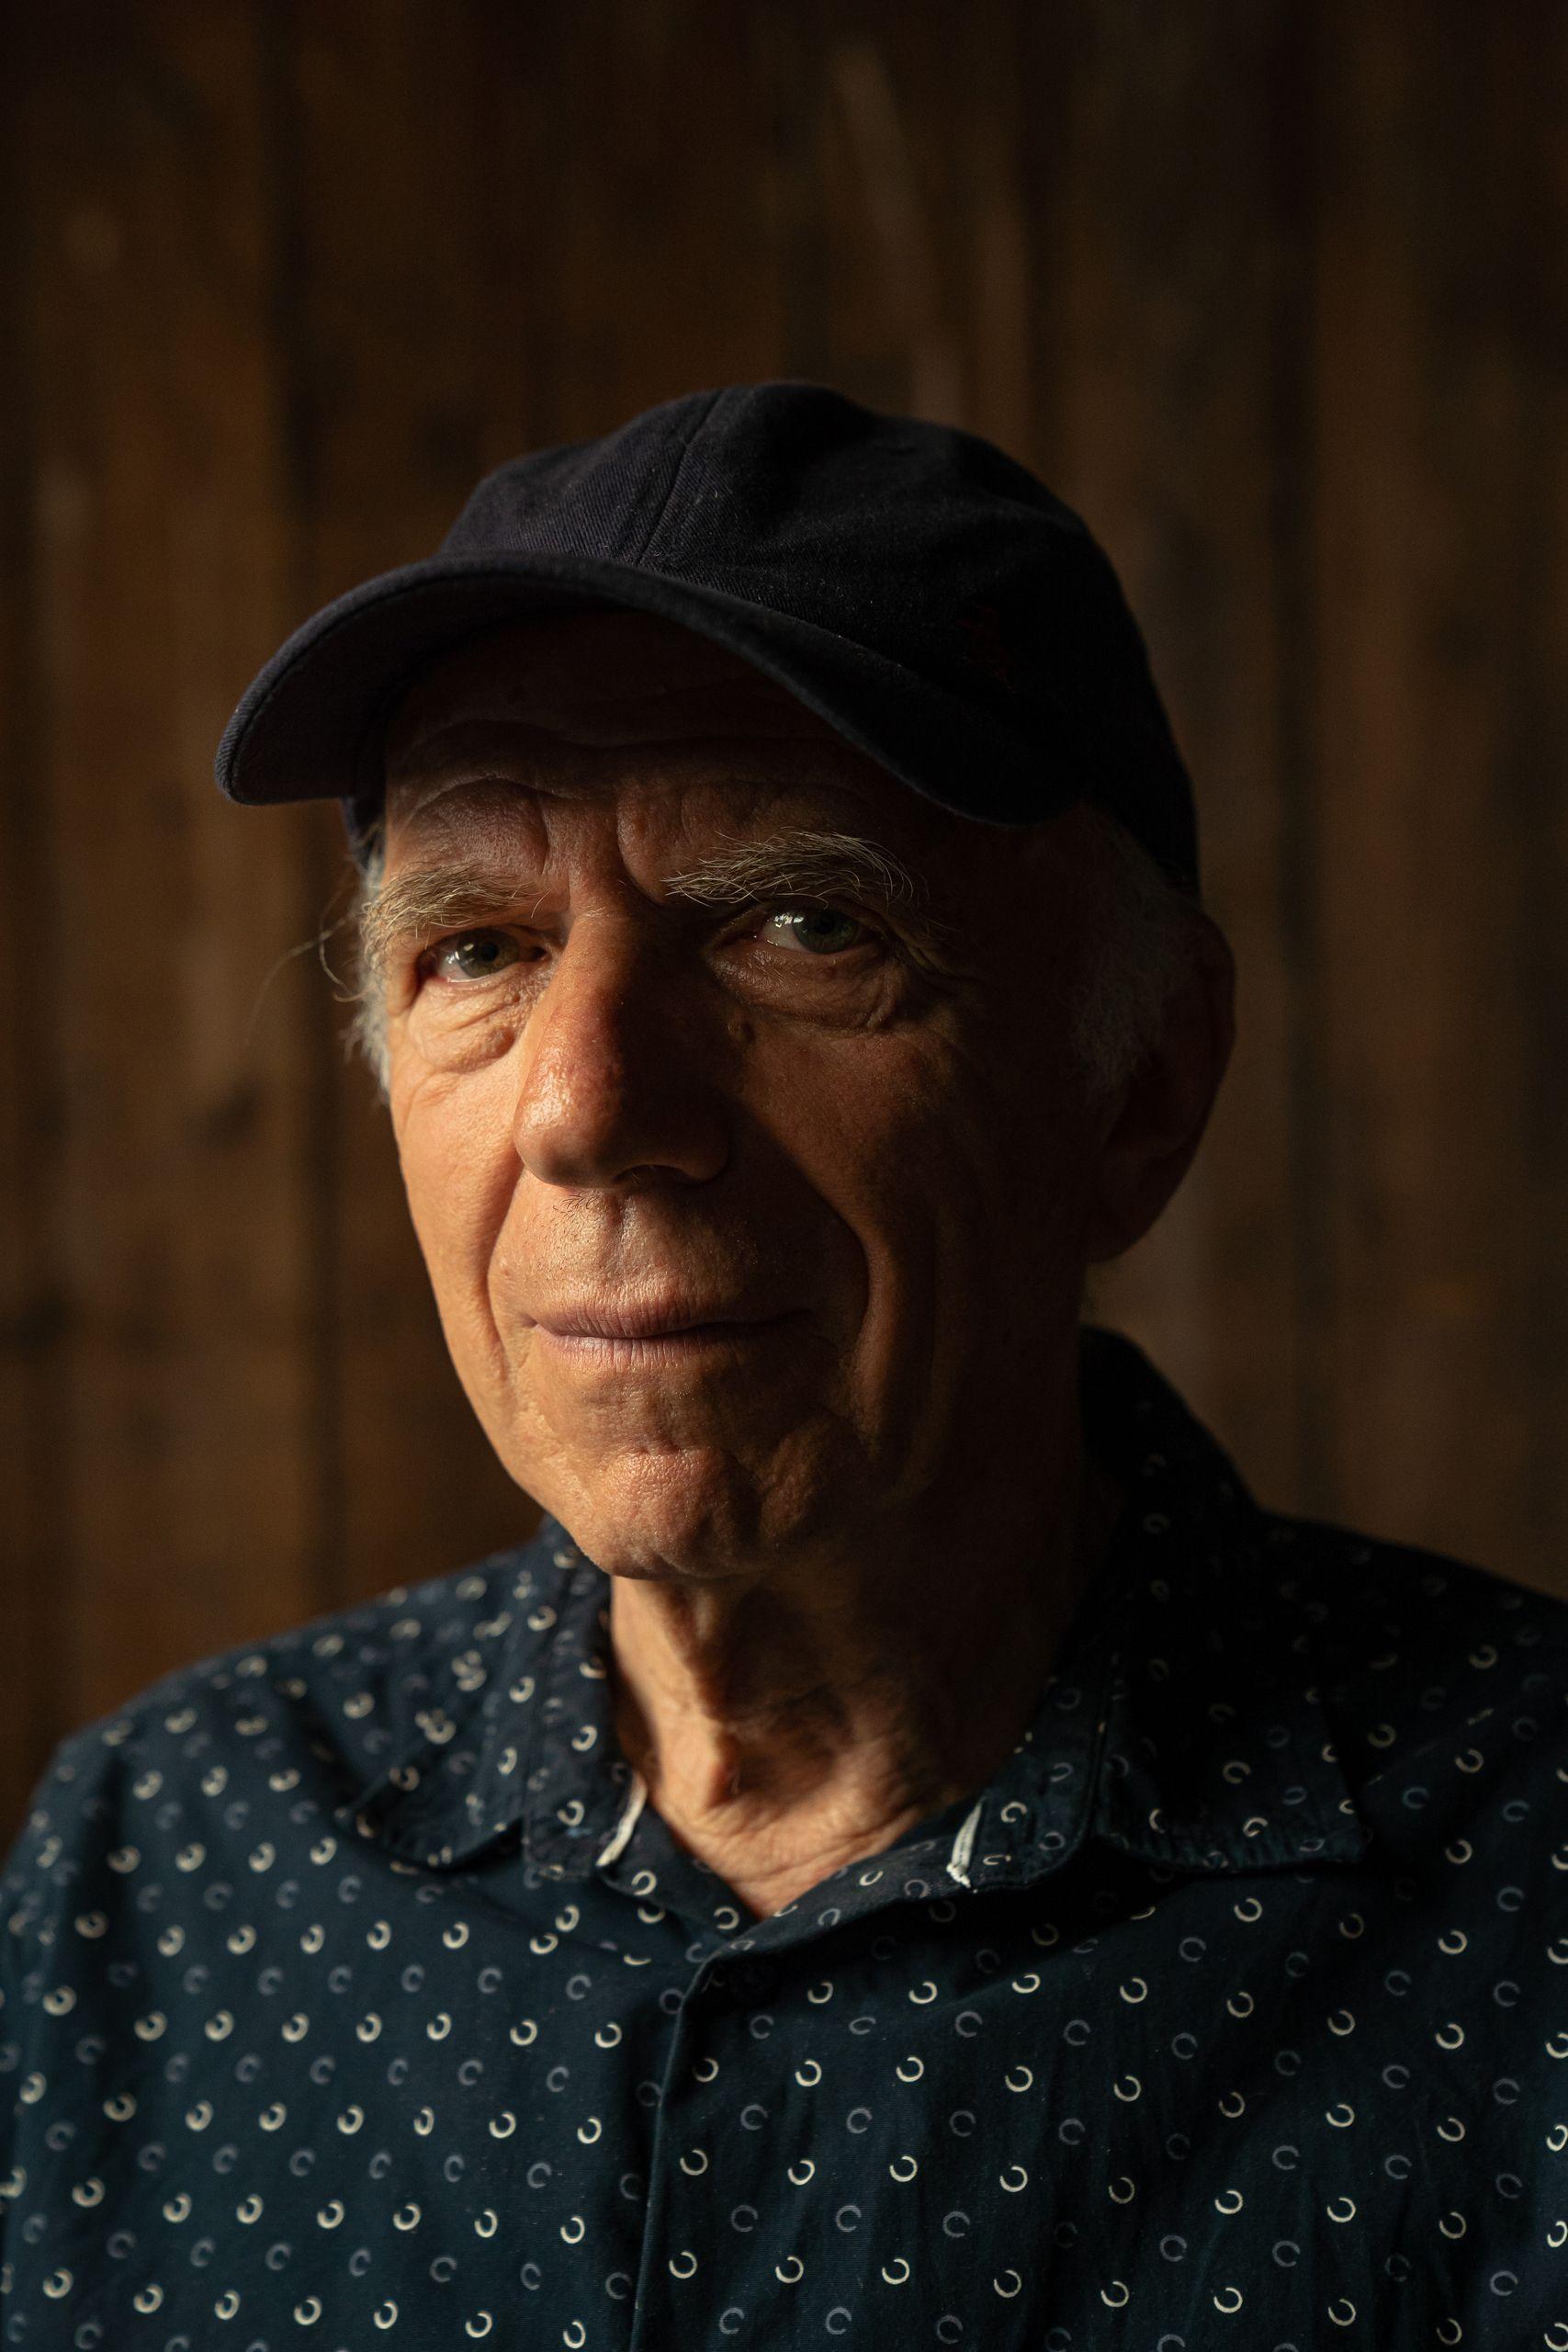 Portrait d'un homme un peu âgé. Il a un beau sourire, des yeux pétillants, porte une chemise bleu foncé et une casquette, il est devant le mur d'une écurie. Janos Sivo, fondateur de Maison Sivo.